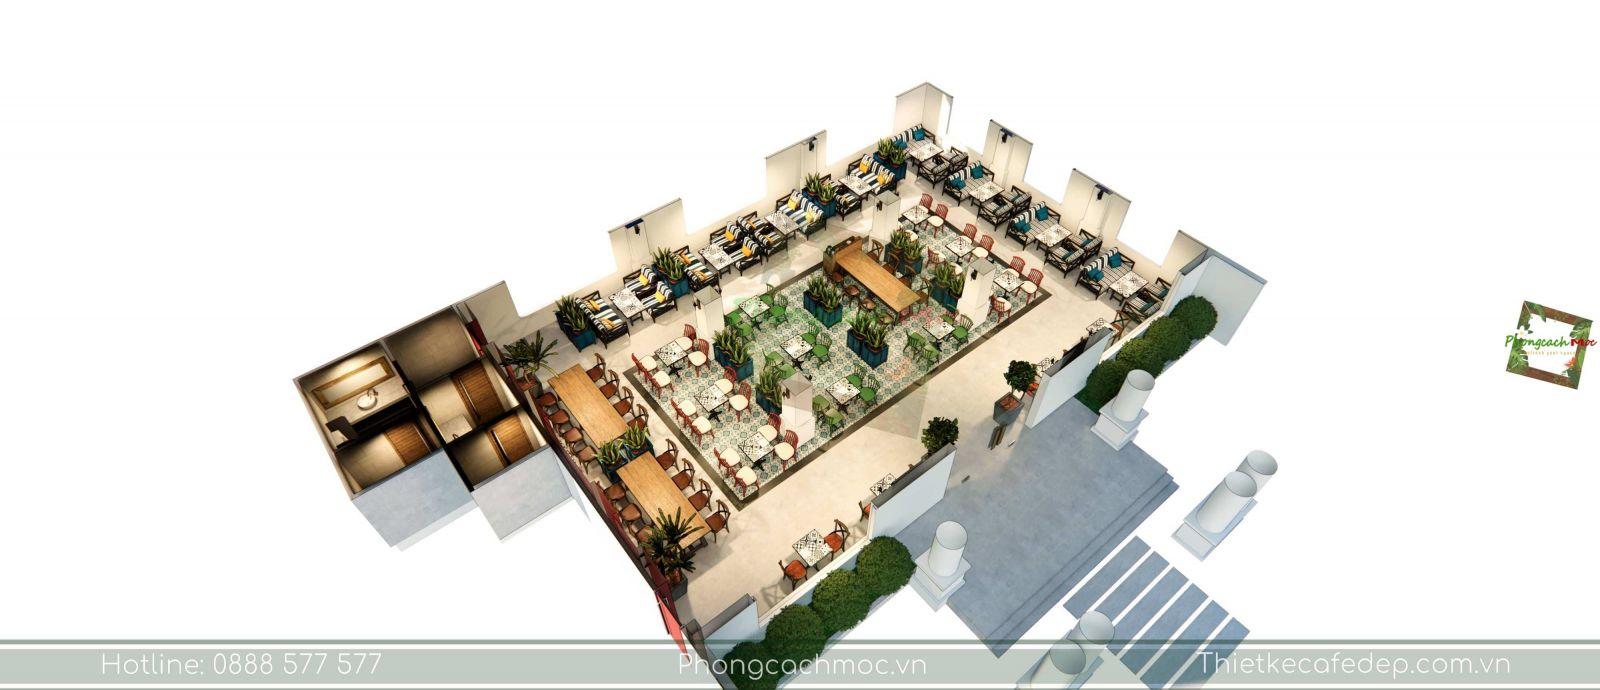 thiết kế quán cafe layout không gian phòng lạnh - 3